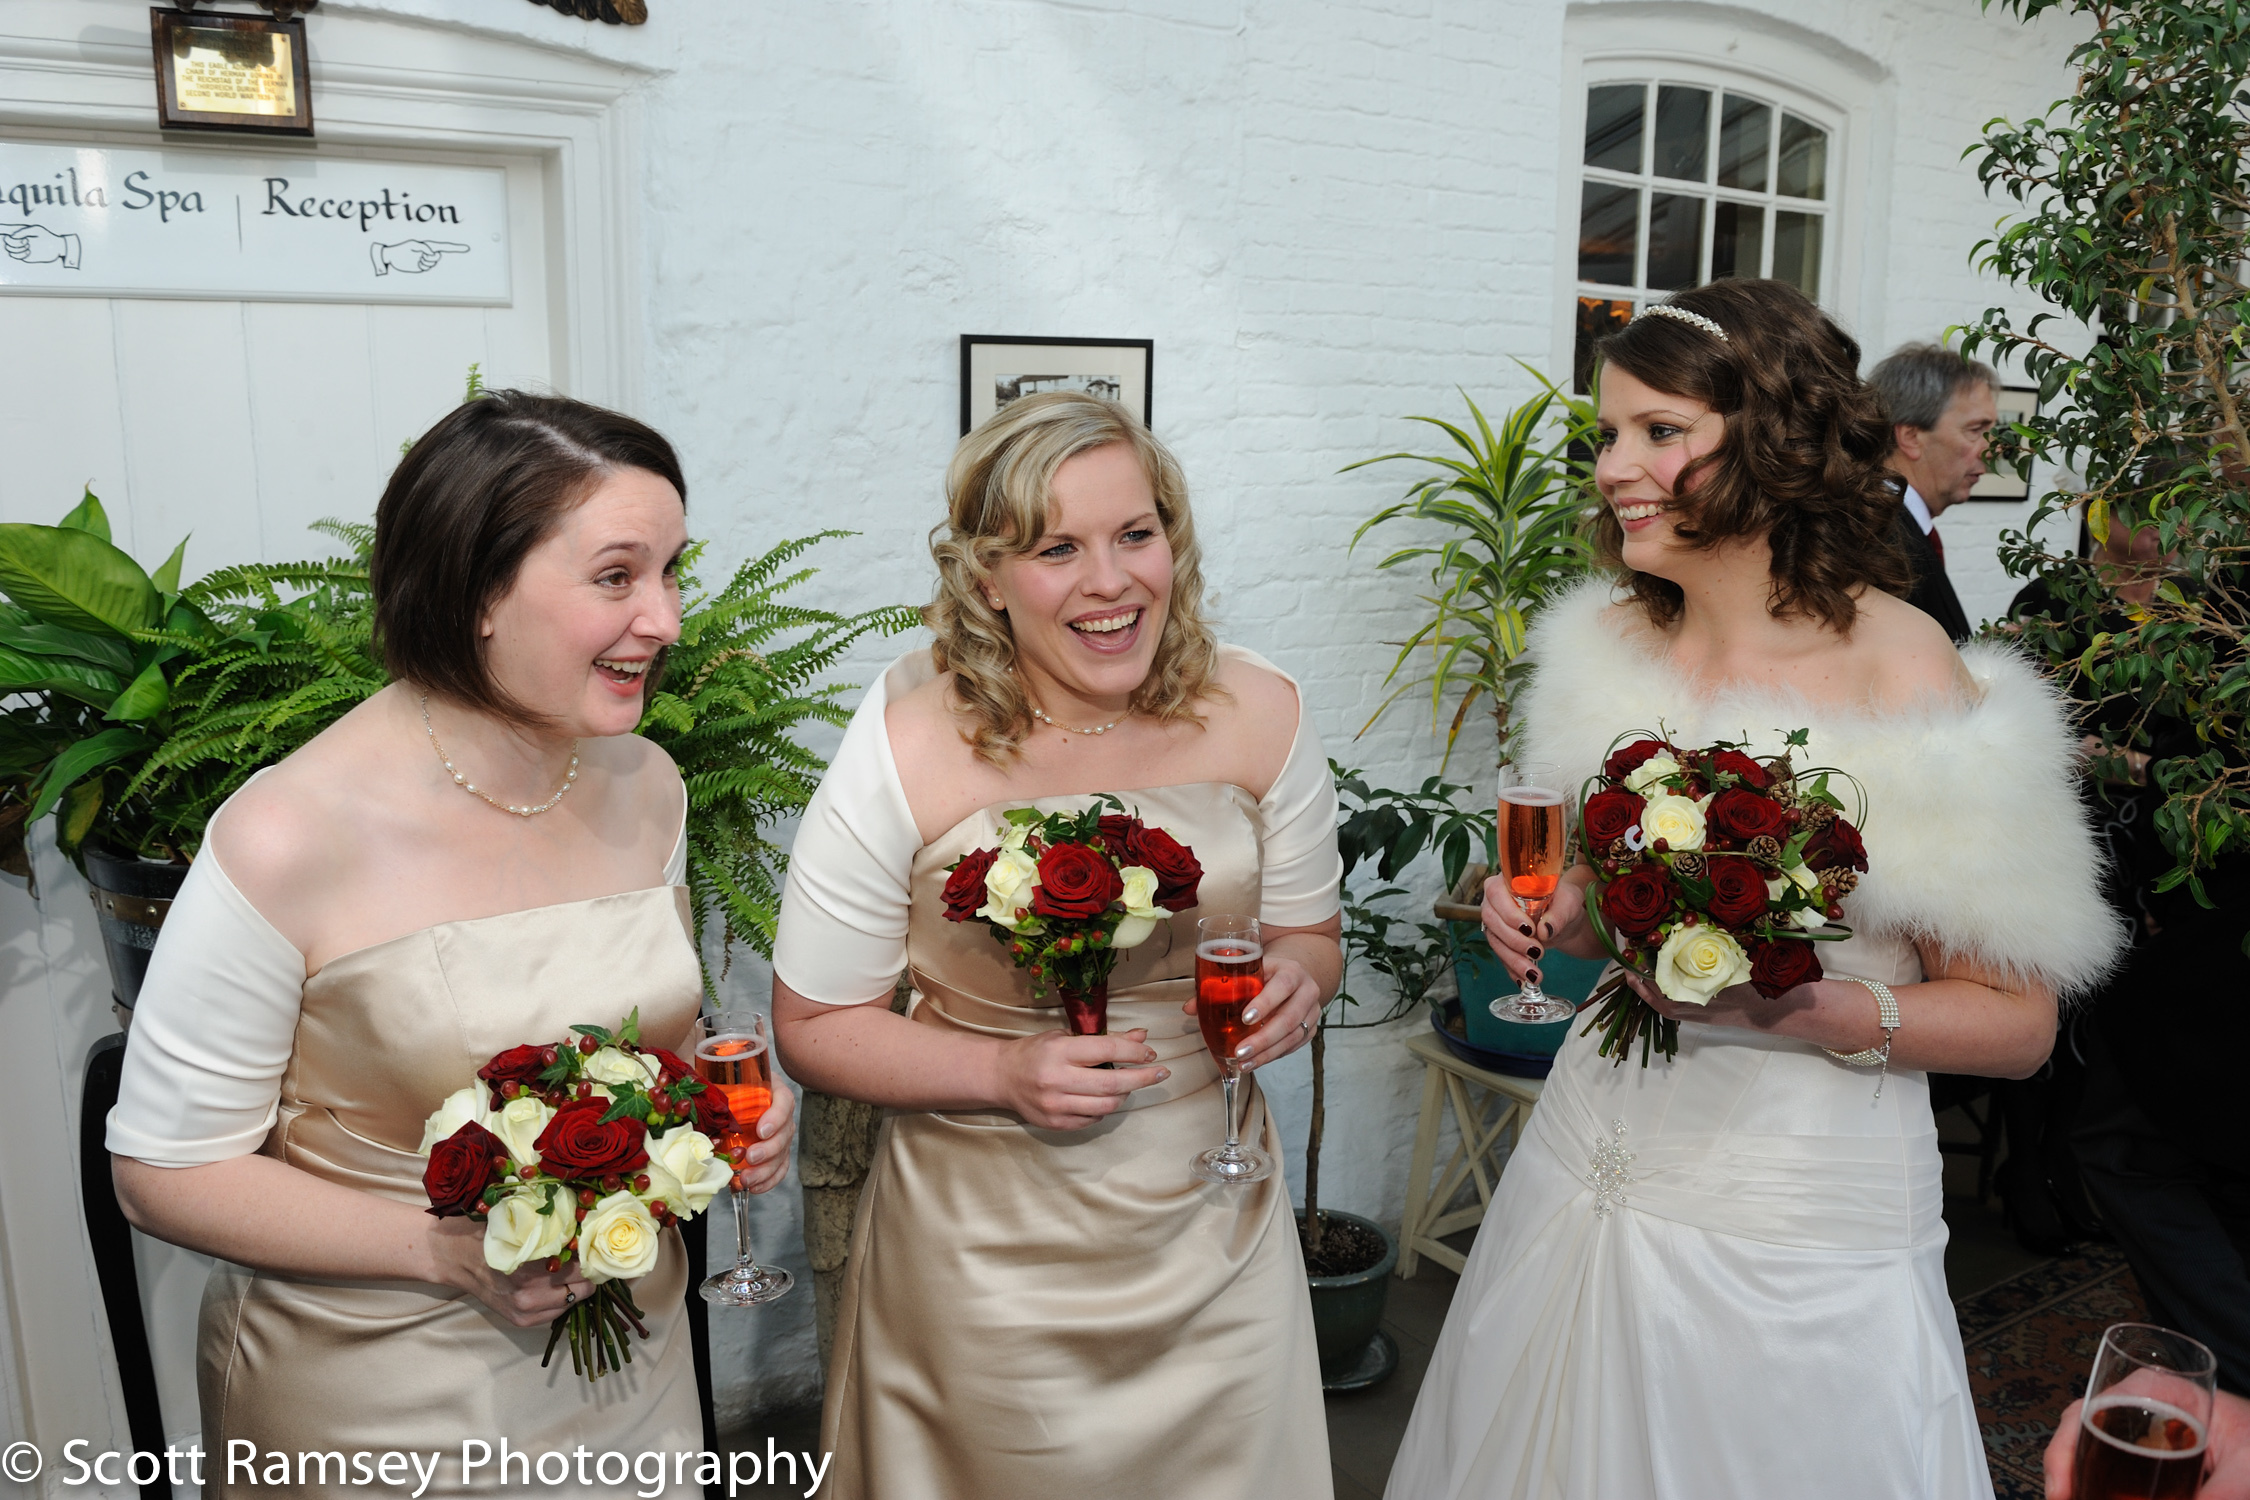 Winter-Wedding-Spread-Eagle-Hotel-Midhurst-Happy-Bride-And-Bride